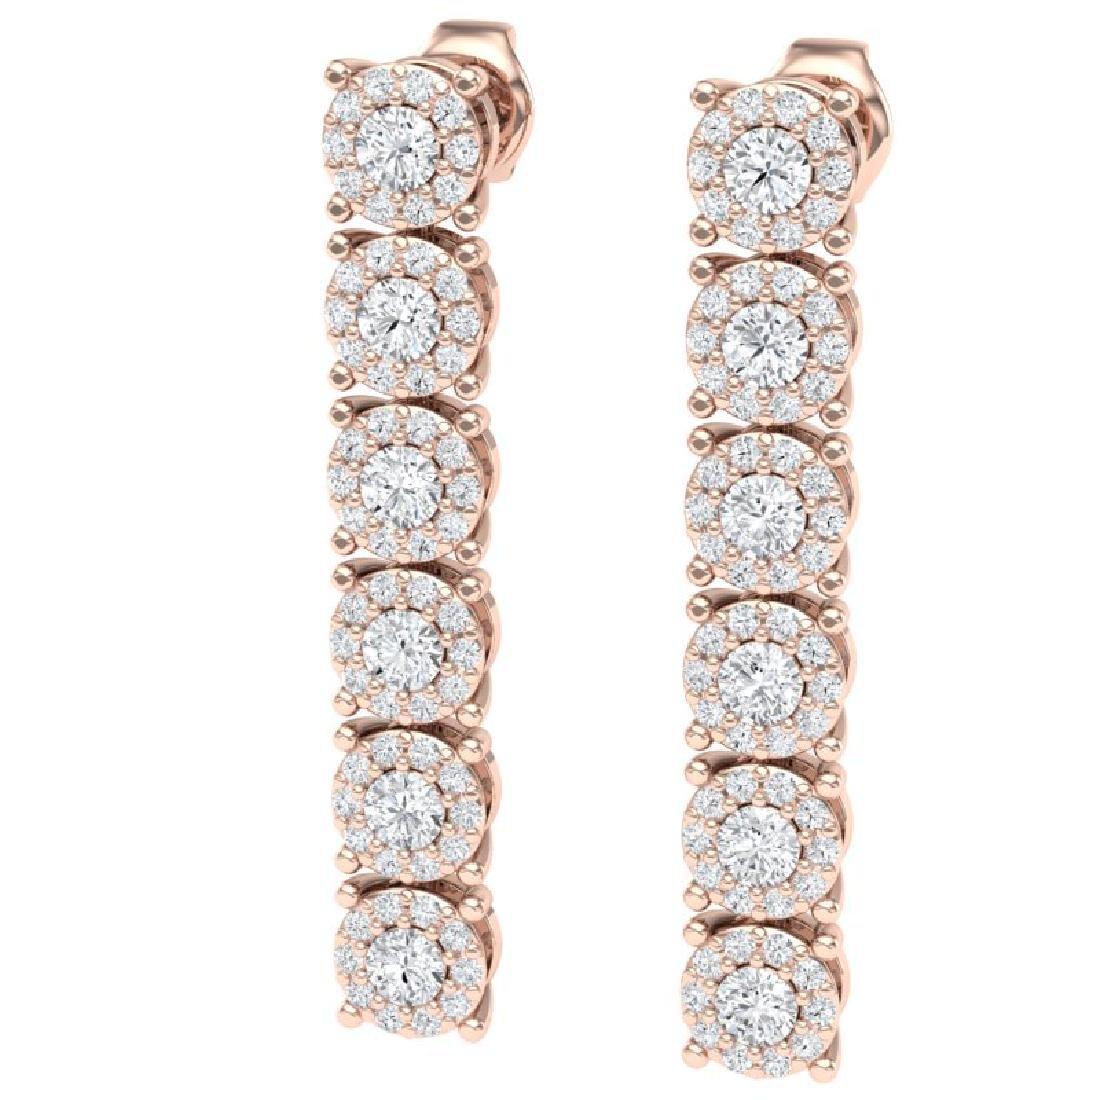 2 CTW Certified SI/I Diamond Halo Earrings 18K Rose - 2